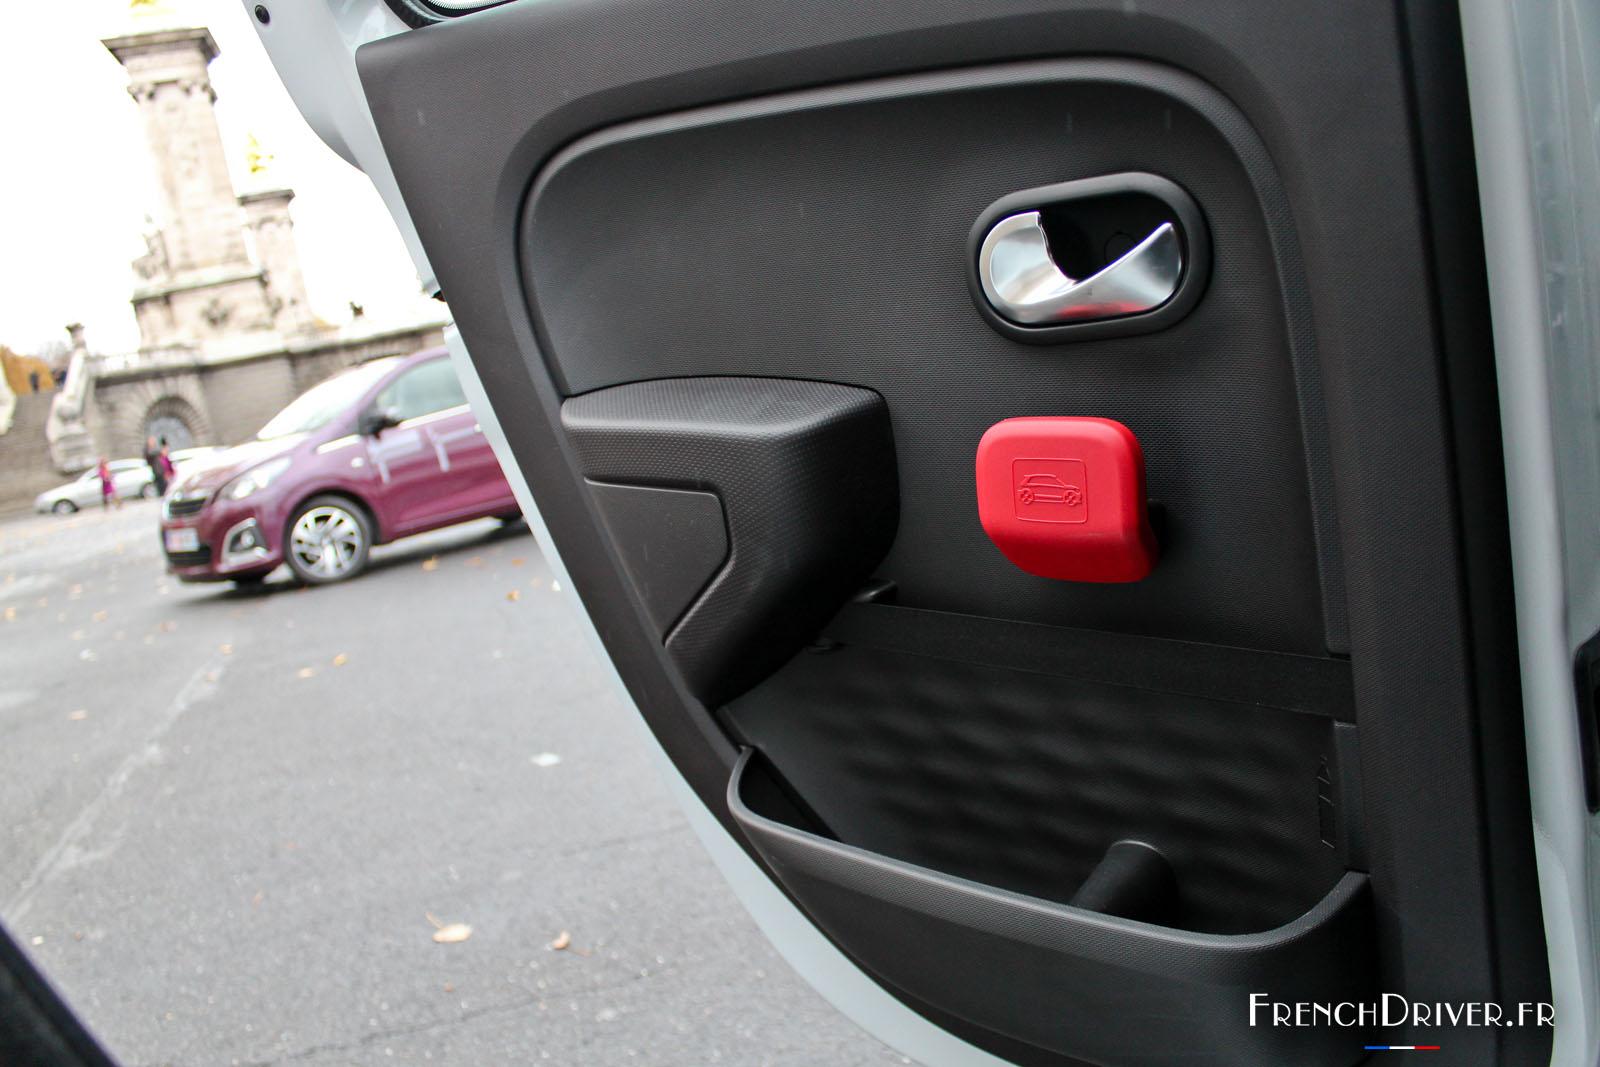 essai de la nouvelle renault twingo 3 french driver. Black Bedroom Furniture Sets. Home Design Ideas